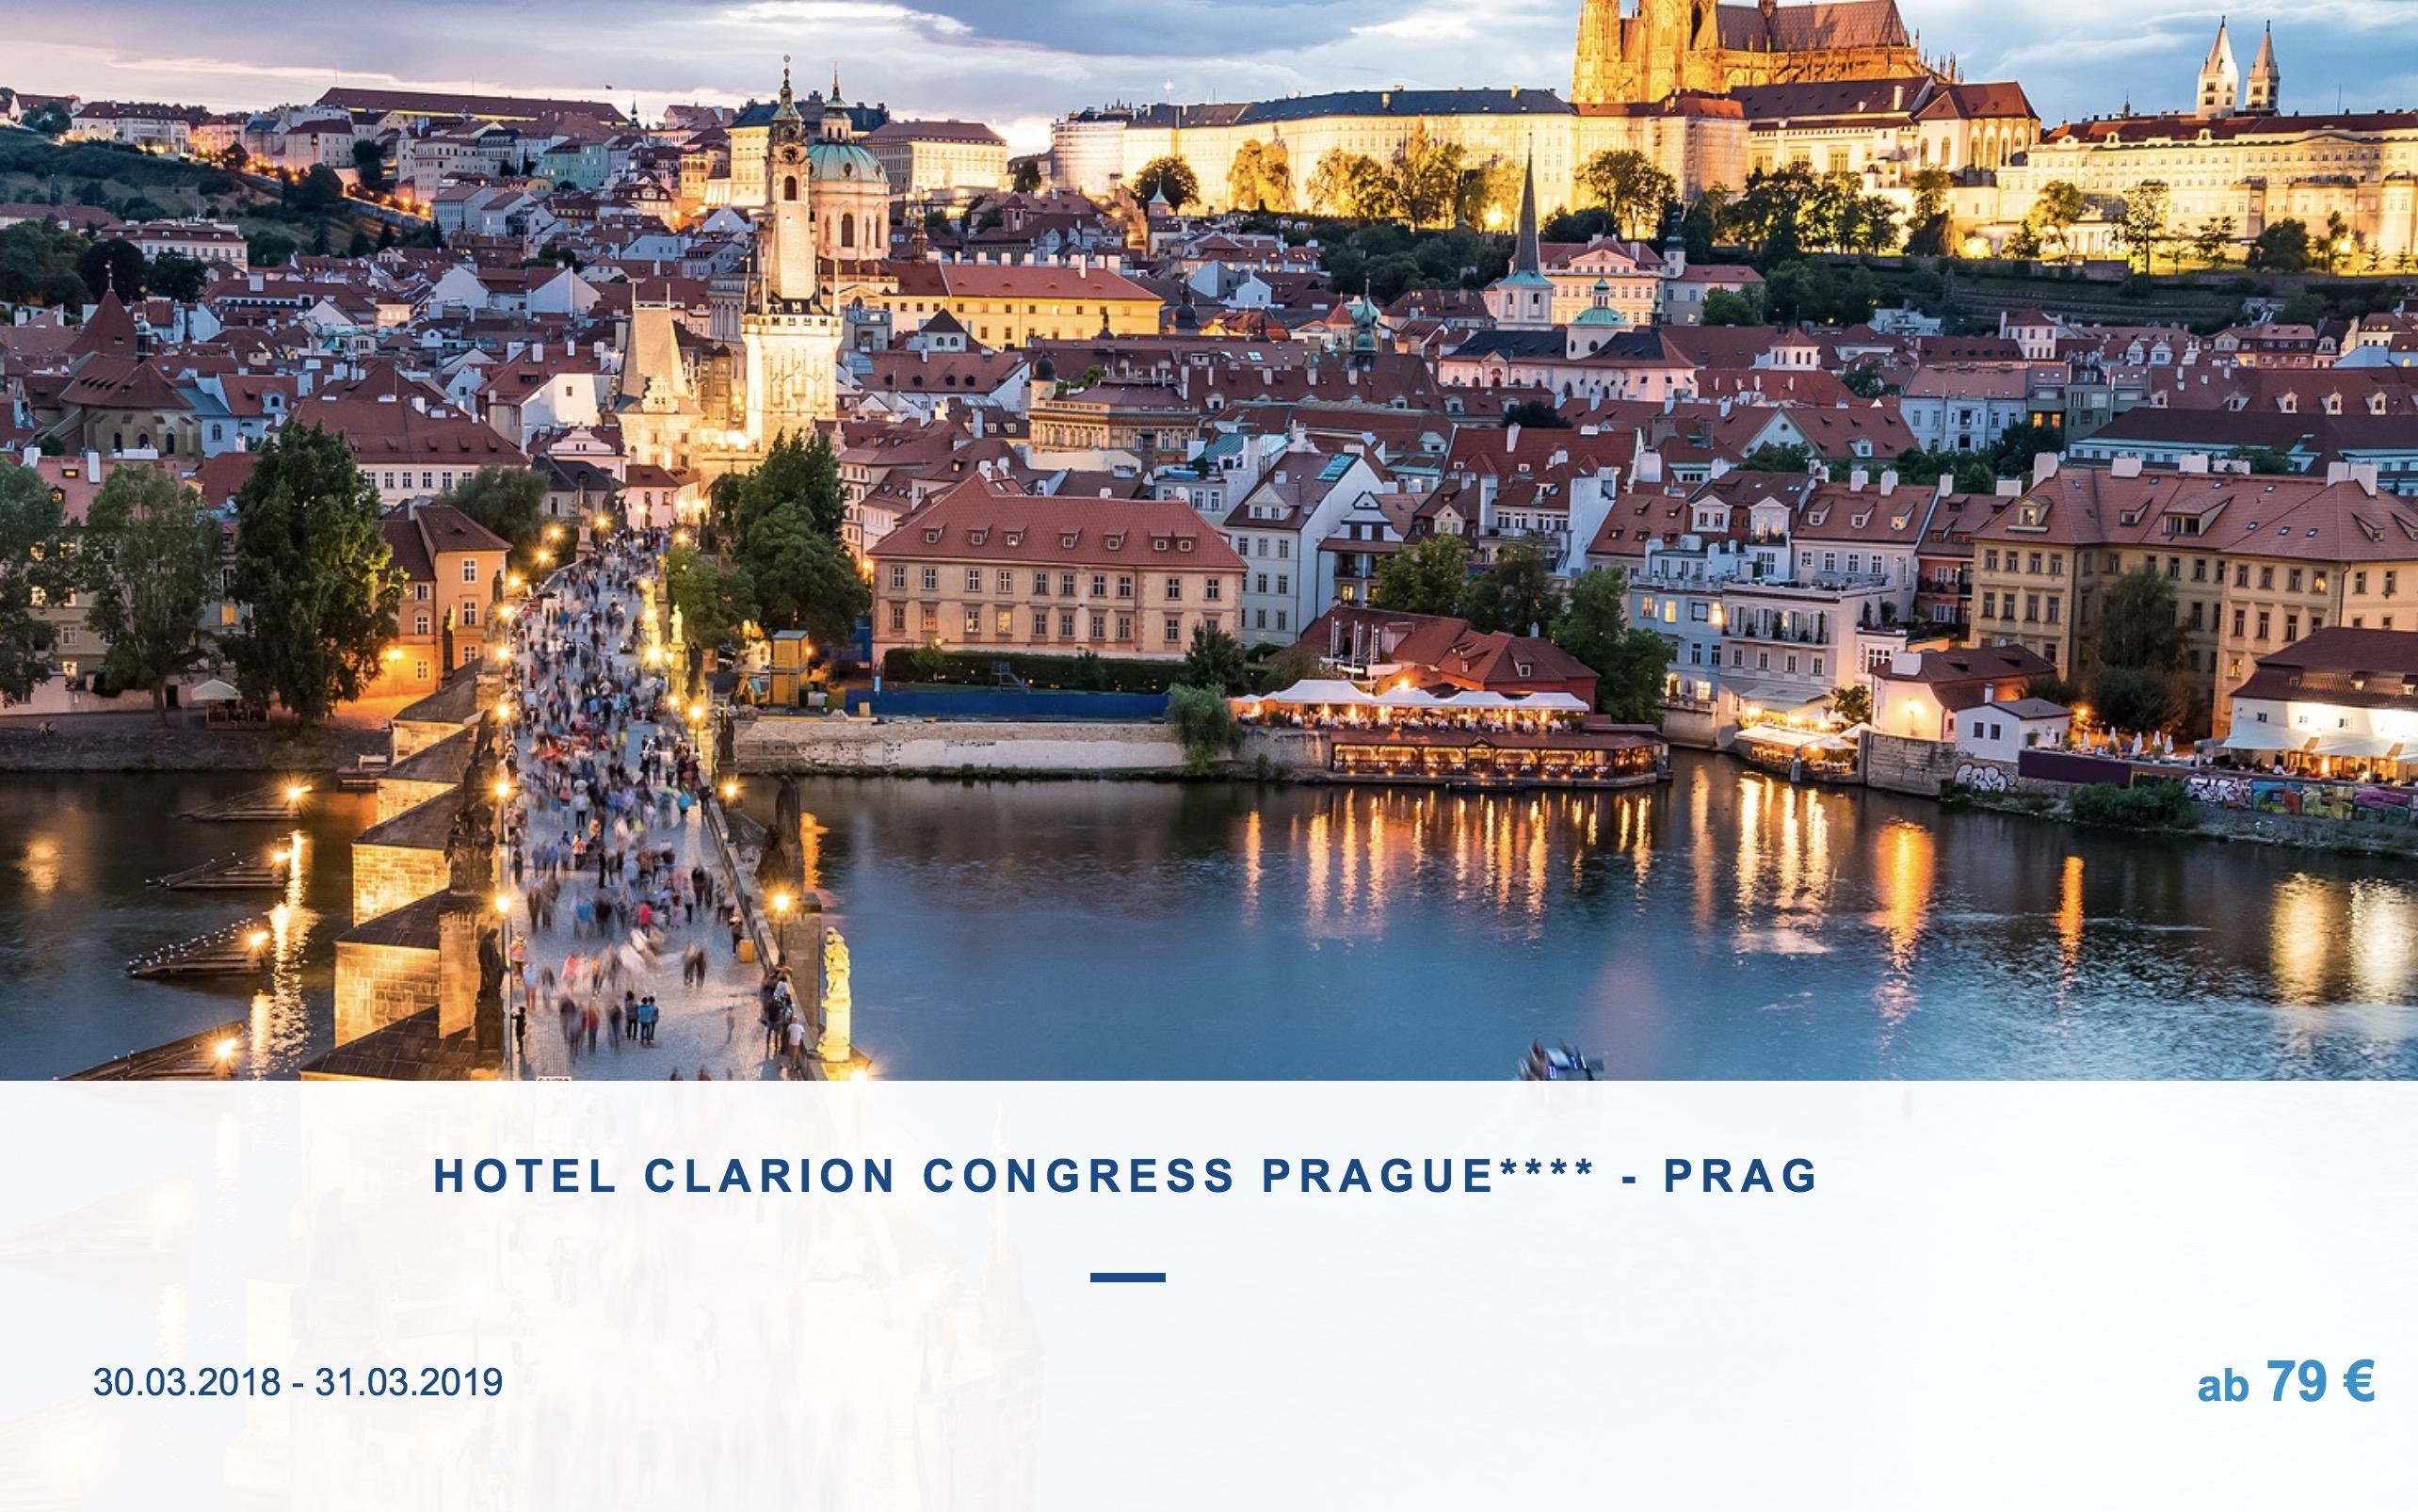 2 Nächte 4* HOTEL CLARION CONGRESS PRAGUE + viele Inklusivleistungen ab 79€ p.P.